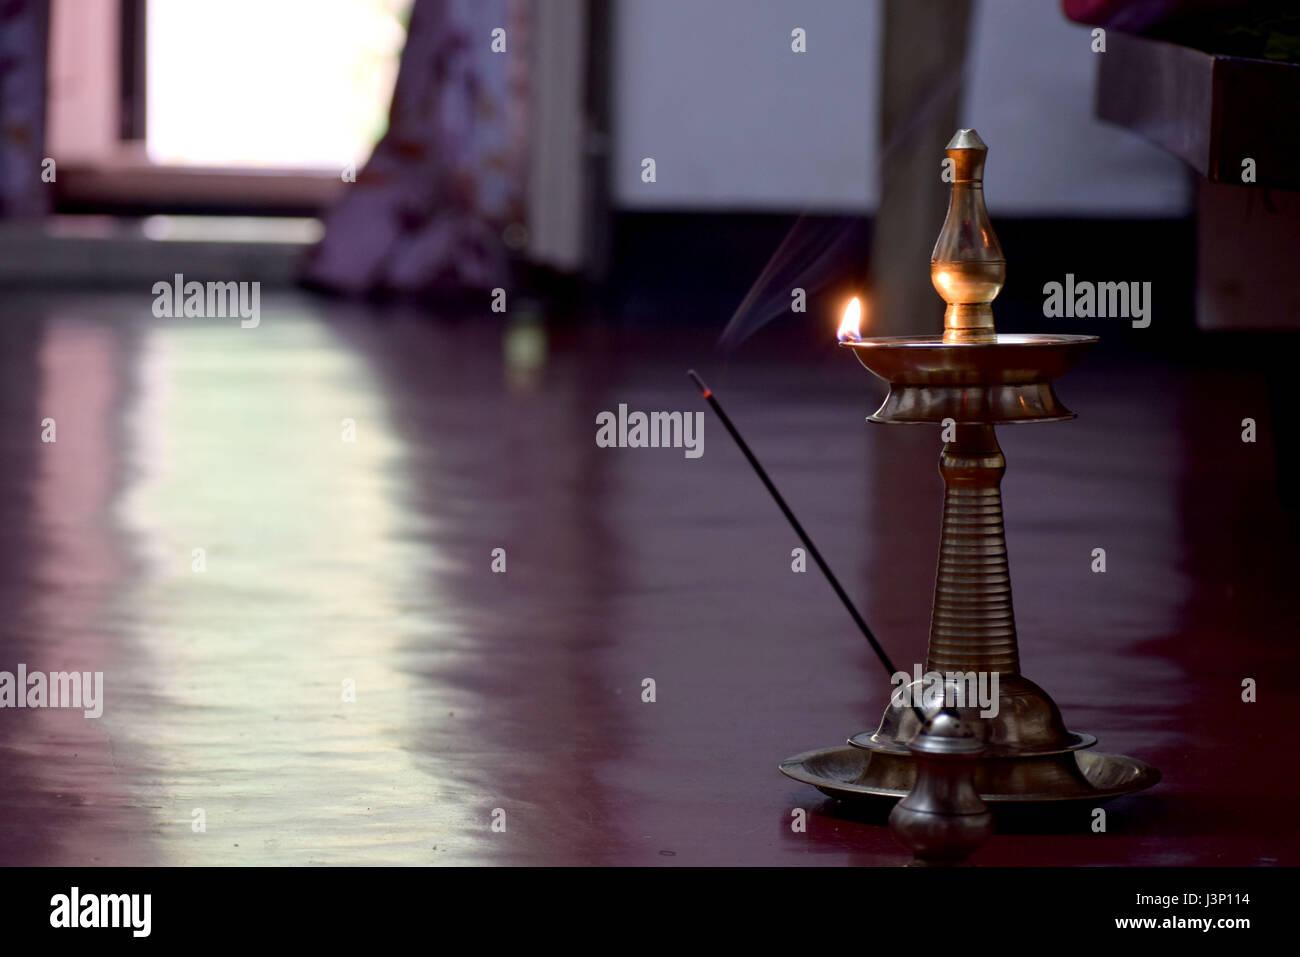 Les gens en Inde utilisée pour allumer la lampe tous les jours matin et soir dans la dévotion à Dieu Photo Stock